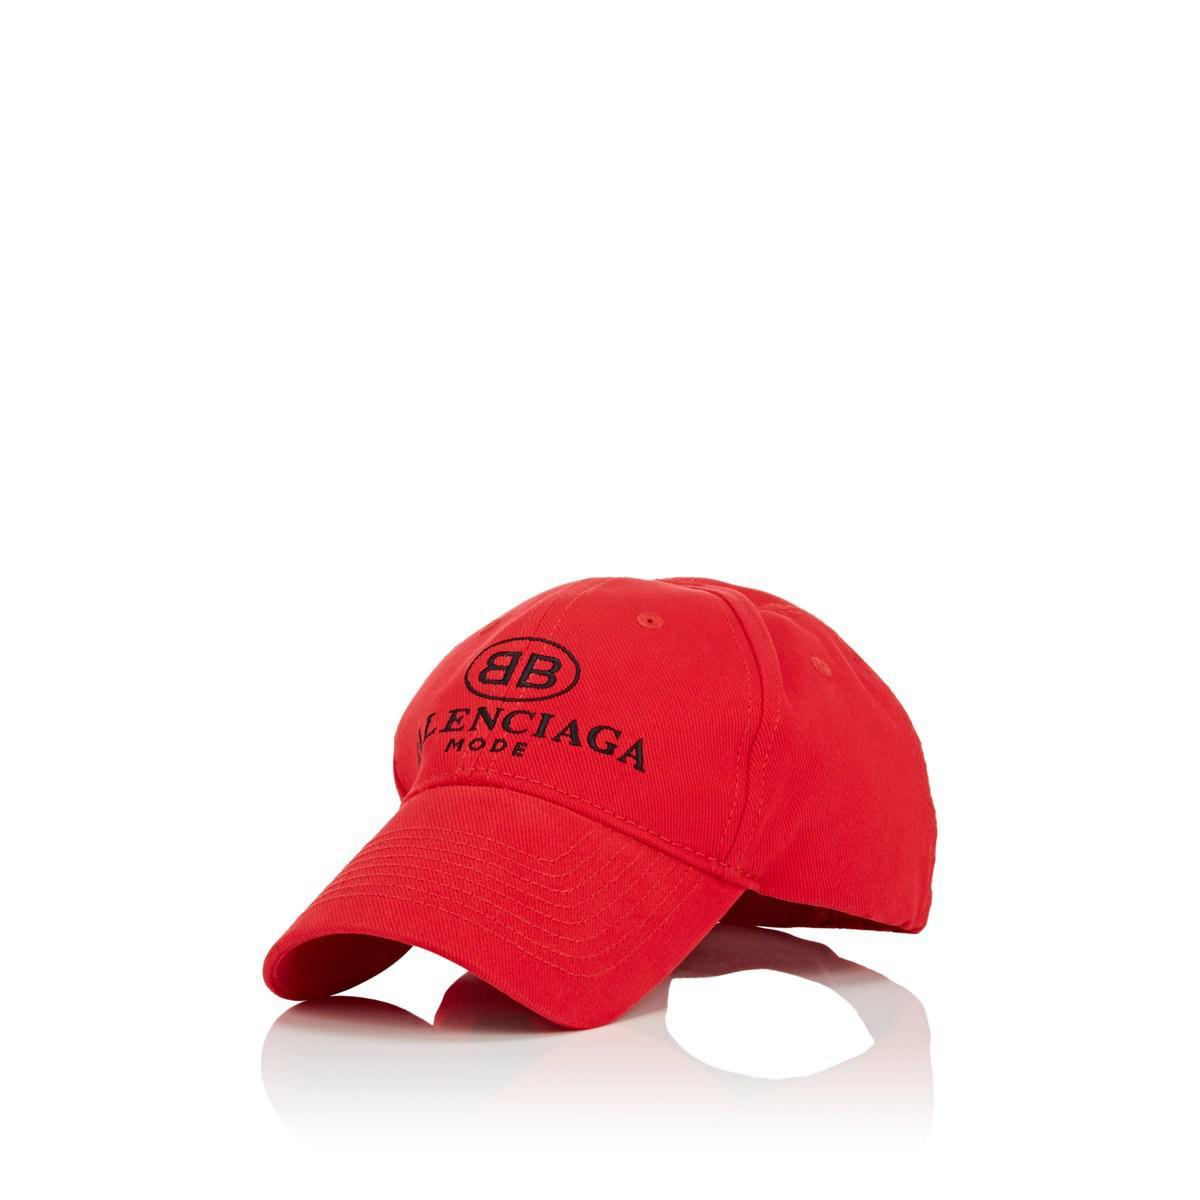 7a417289643 Lyst - Balenciaga bb Mode Cotton Baseball Cap in Black for Men